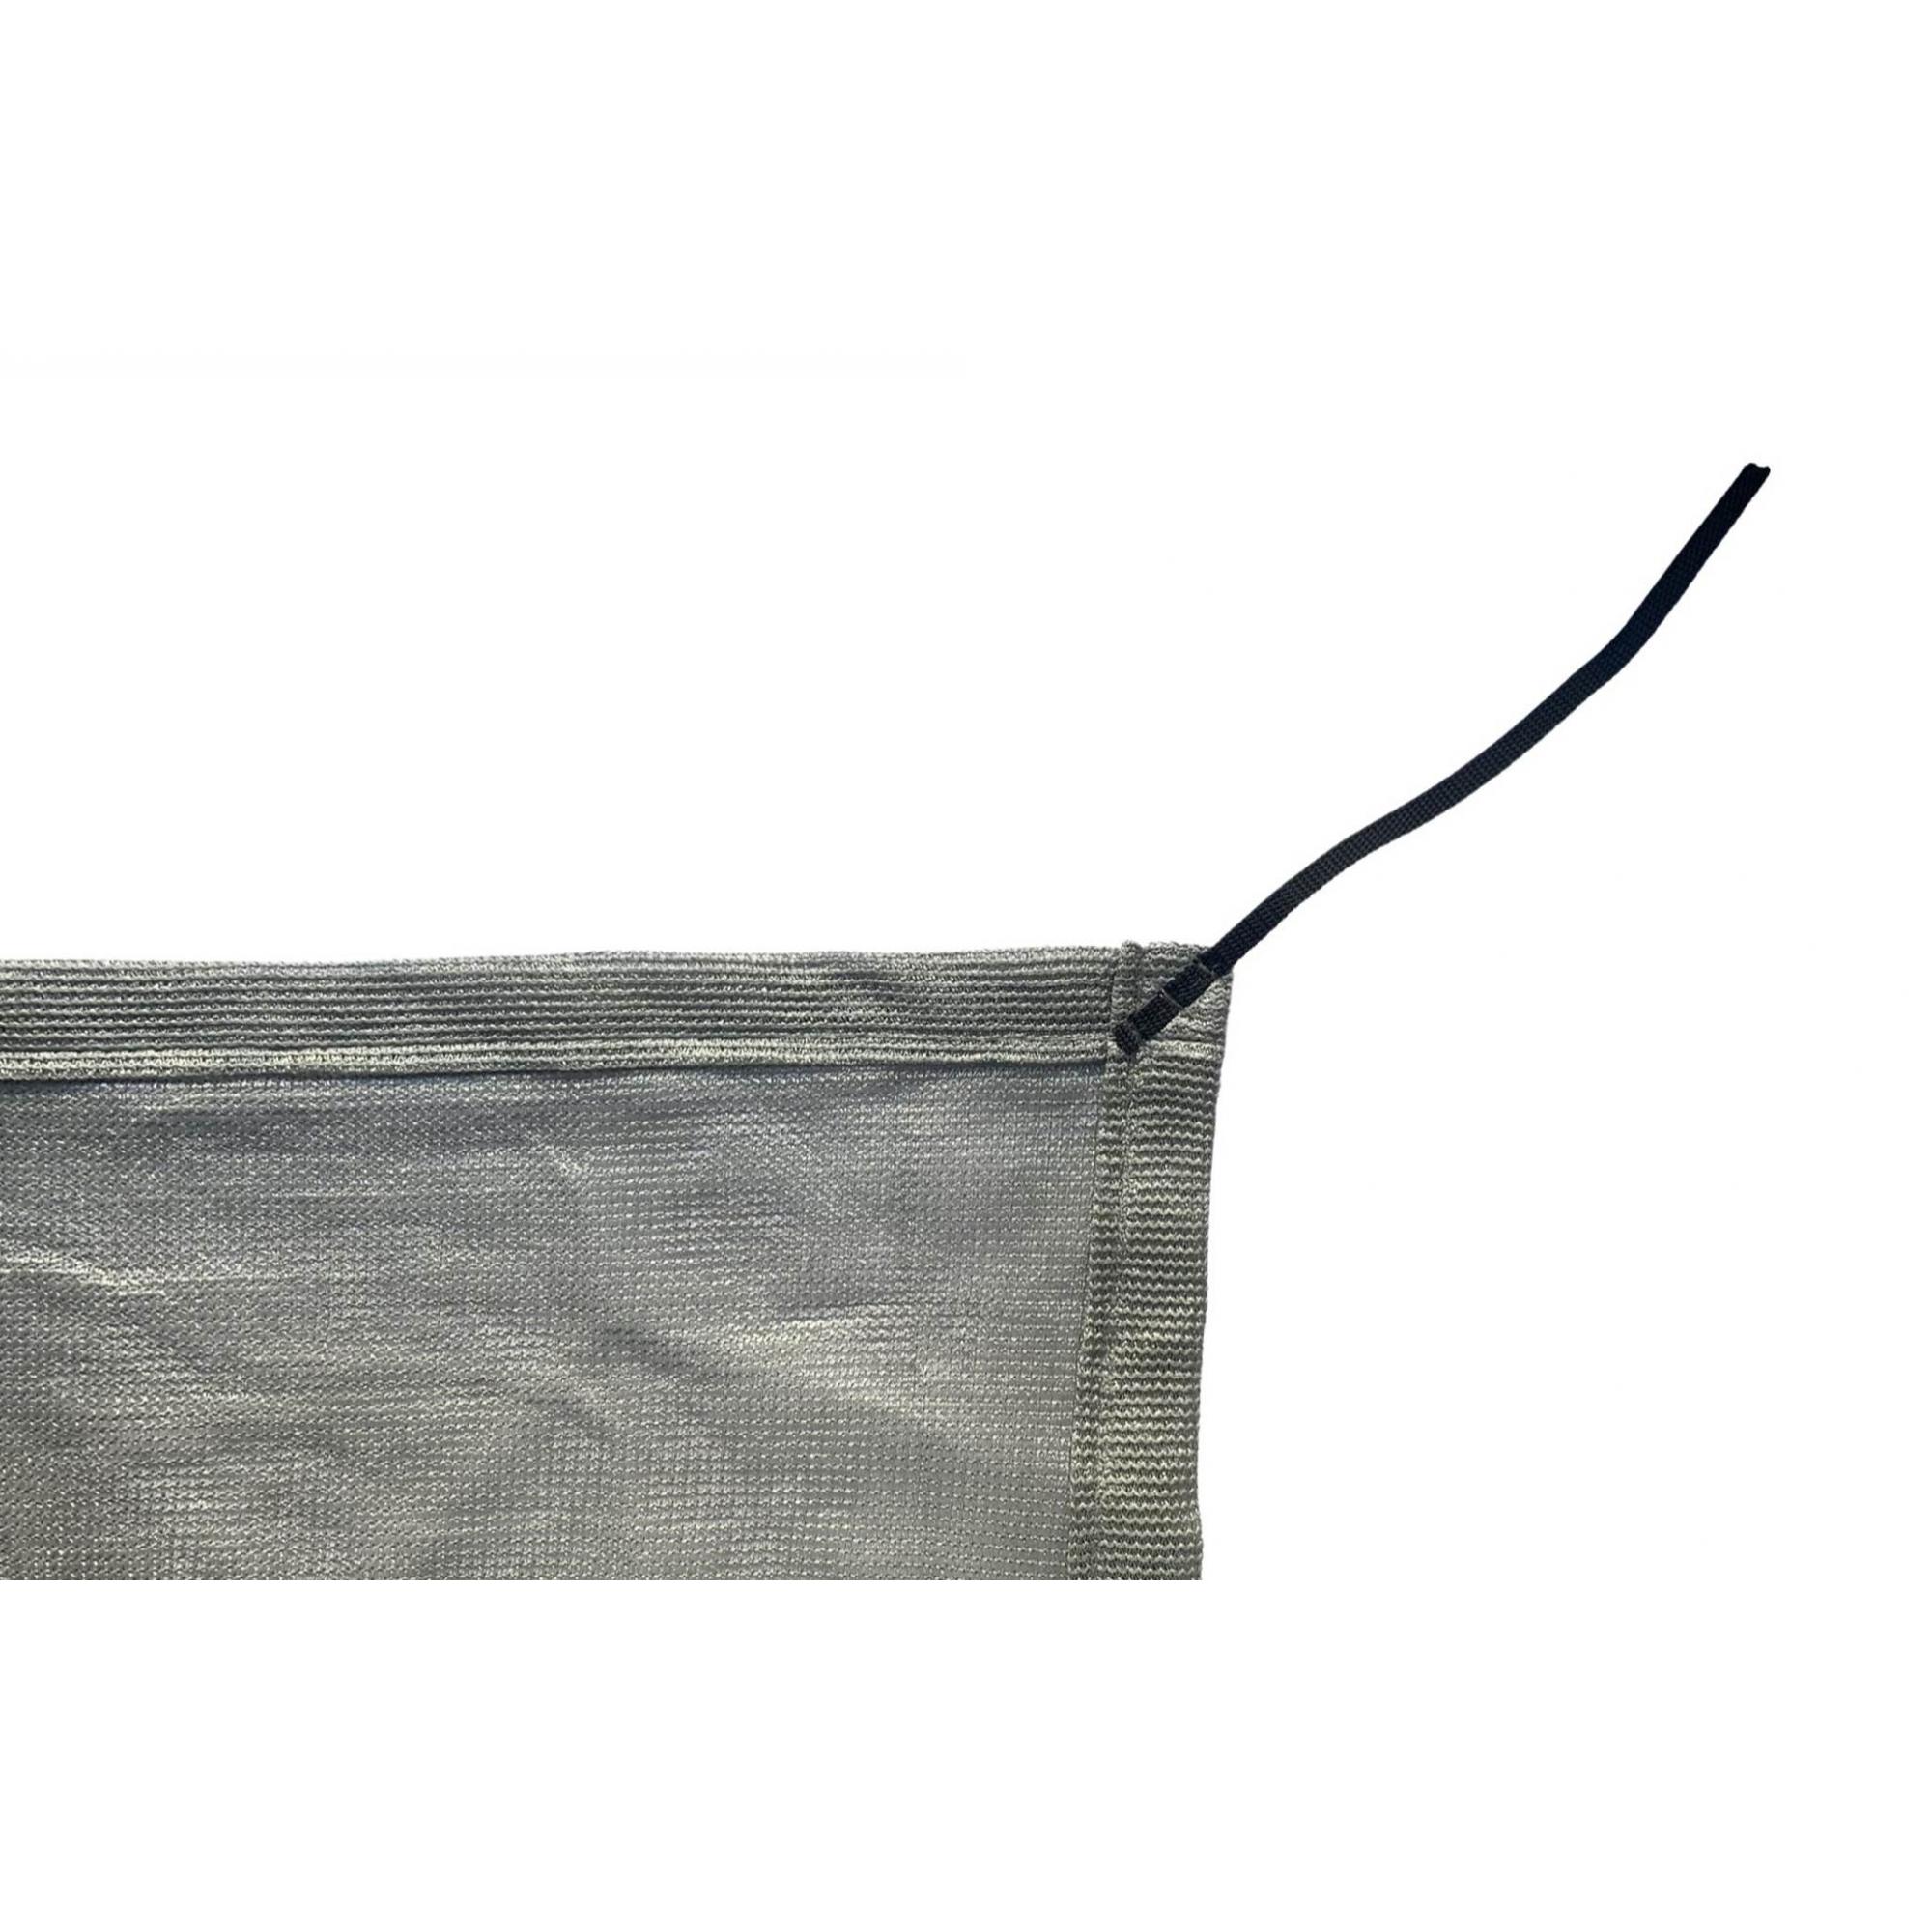 Tela de Sombreamento 80% Prata com Esticadores - Largura: 2 Metros